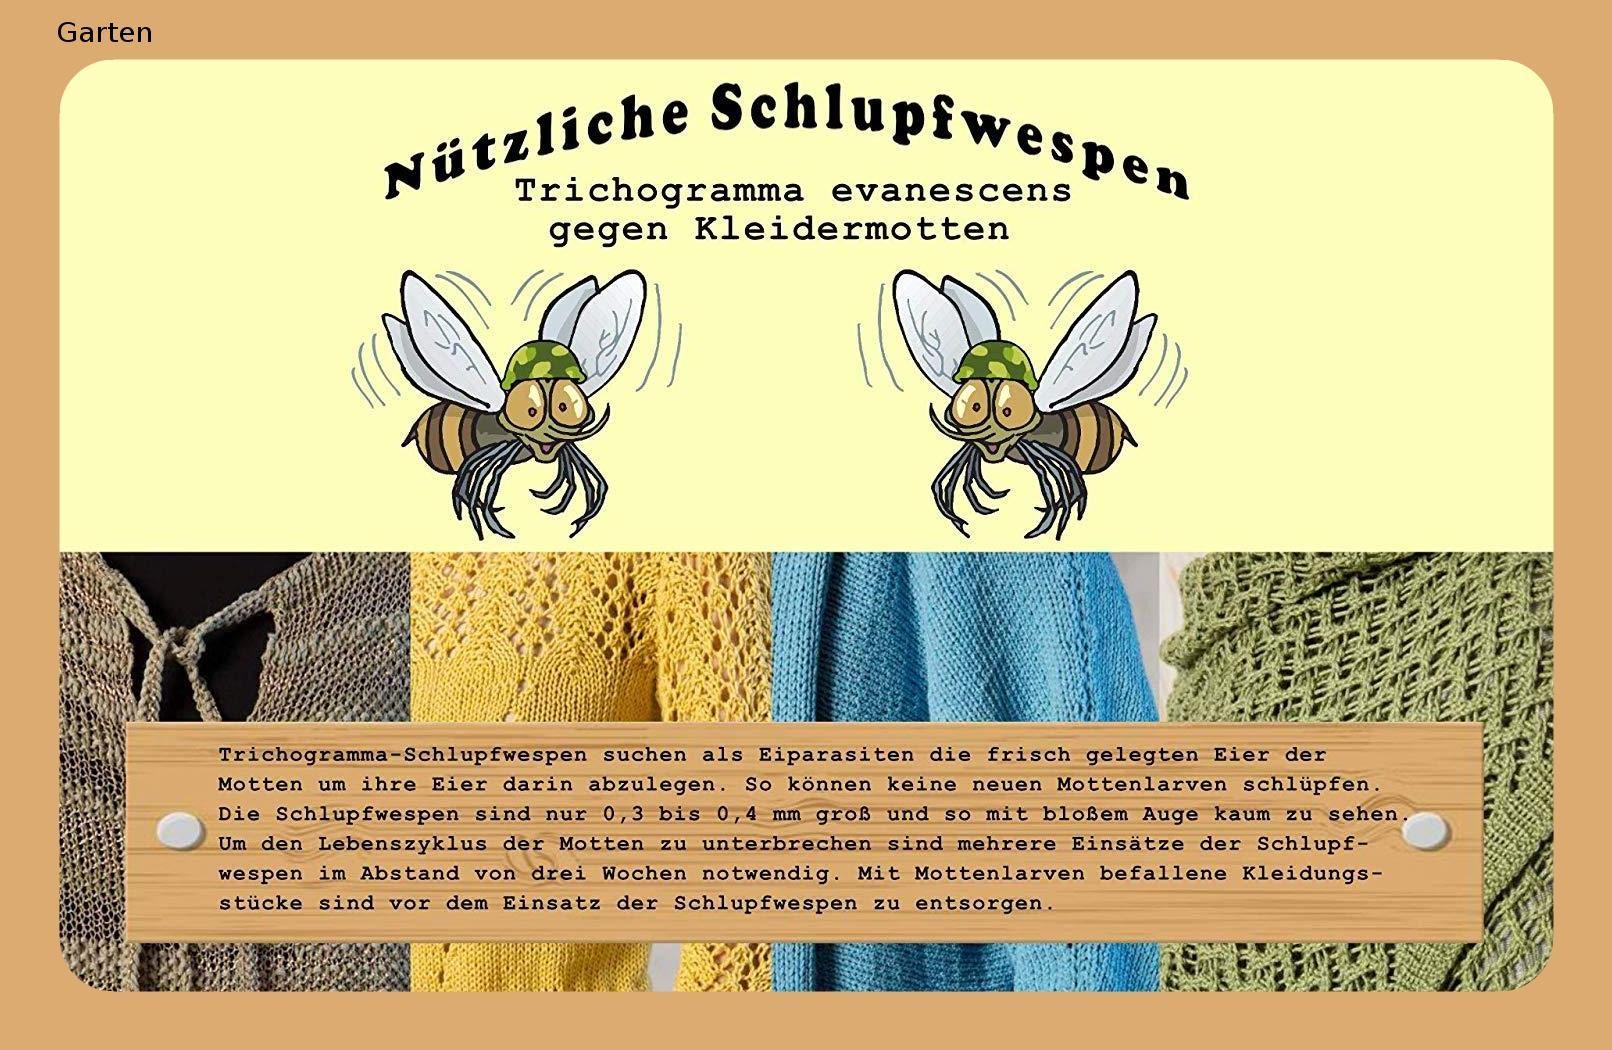 Vgo Schlupfwespen 5 Kartchen Mit Je 2000 Schlupfwespen Zur Bekampfung Von Kleidermotten Einzellieferung Schlupfwespen Wespe